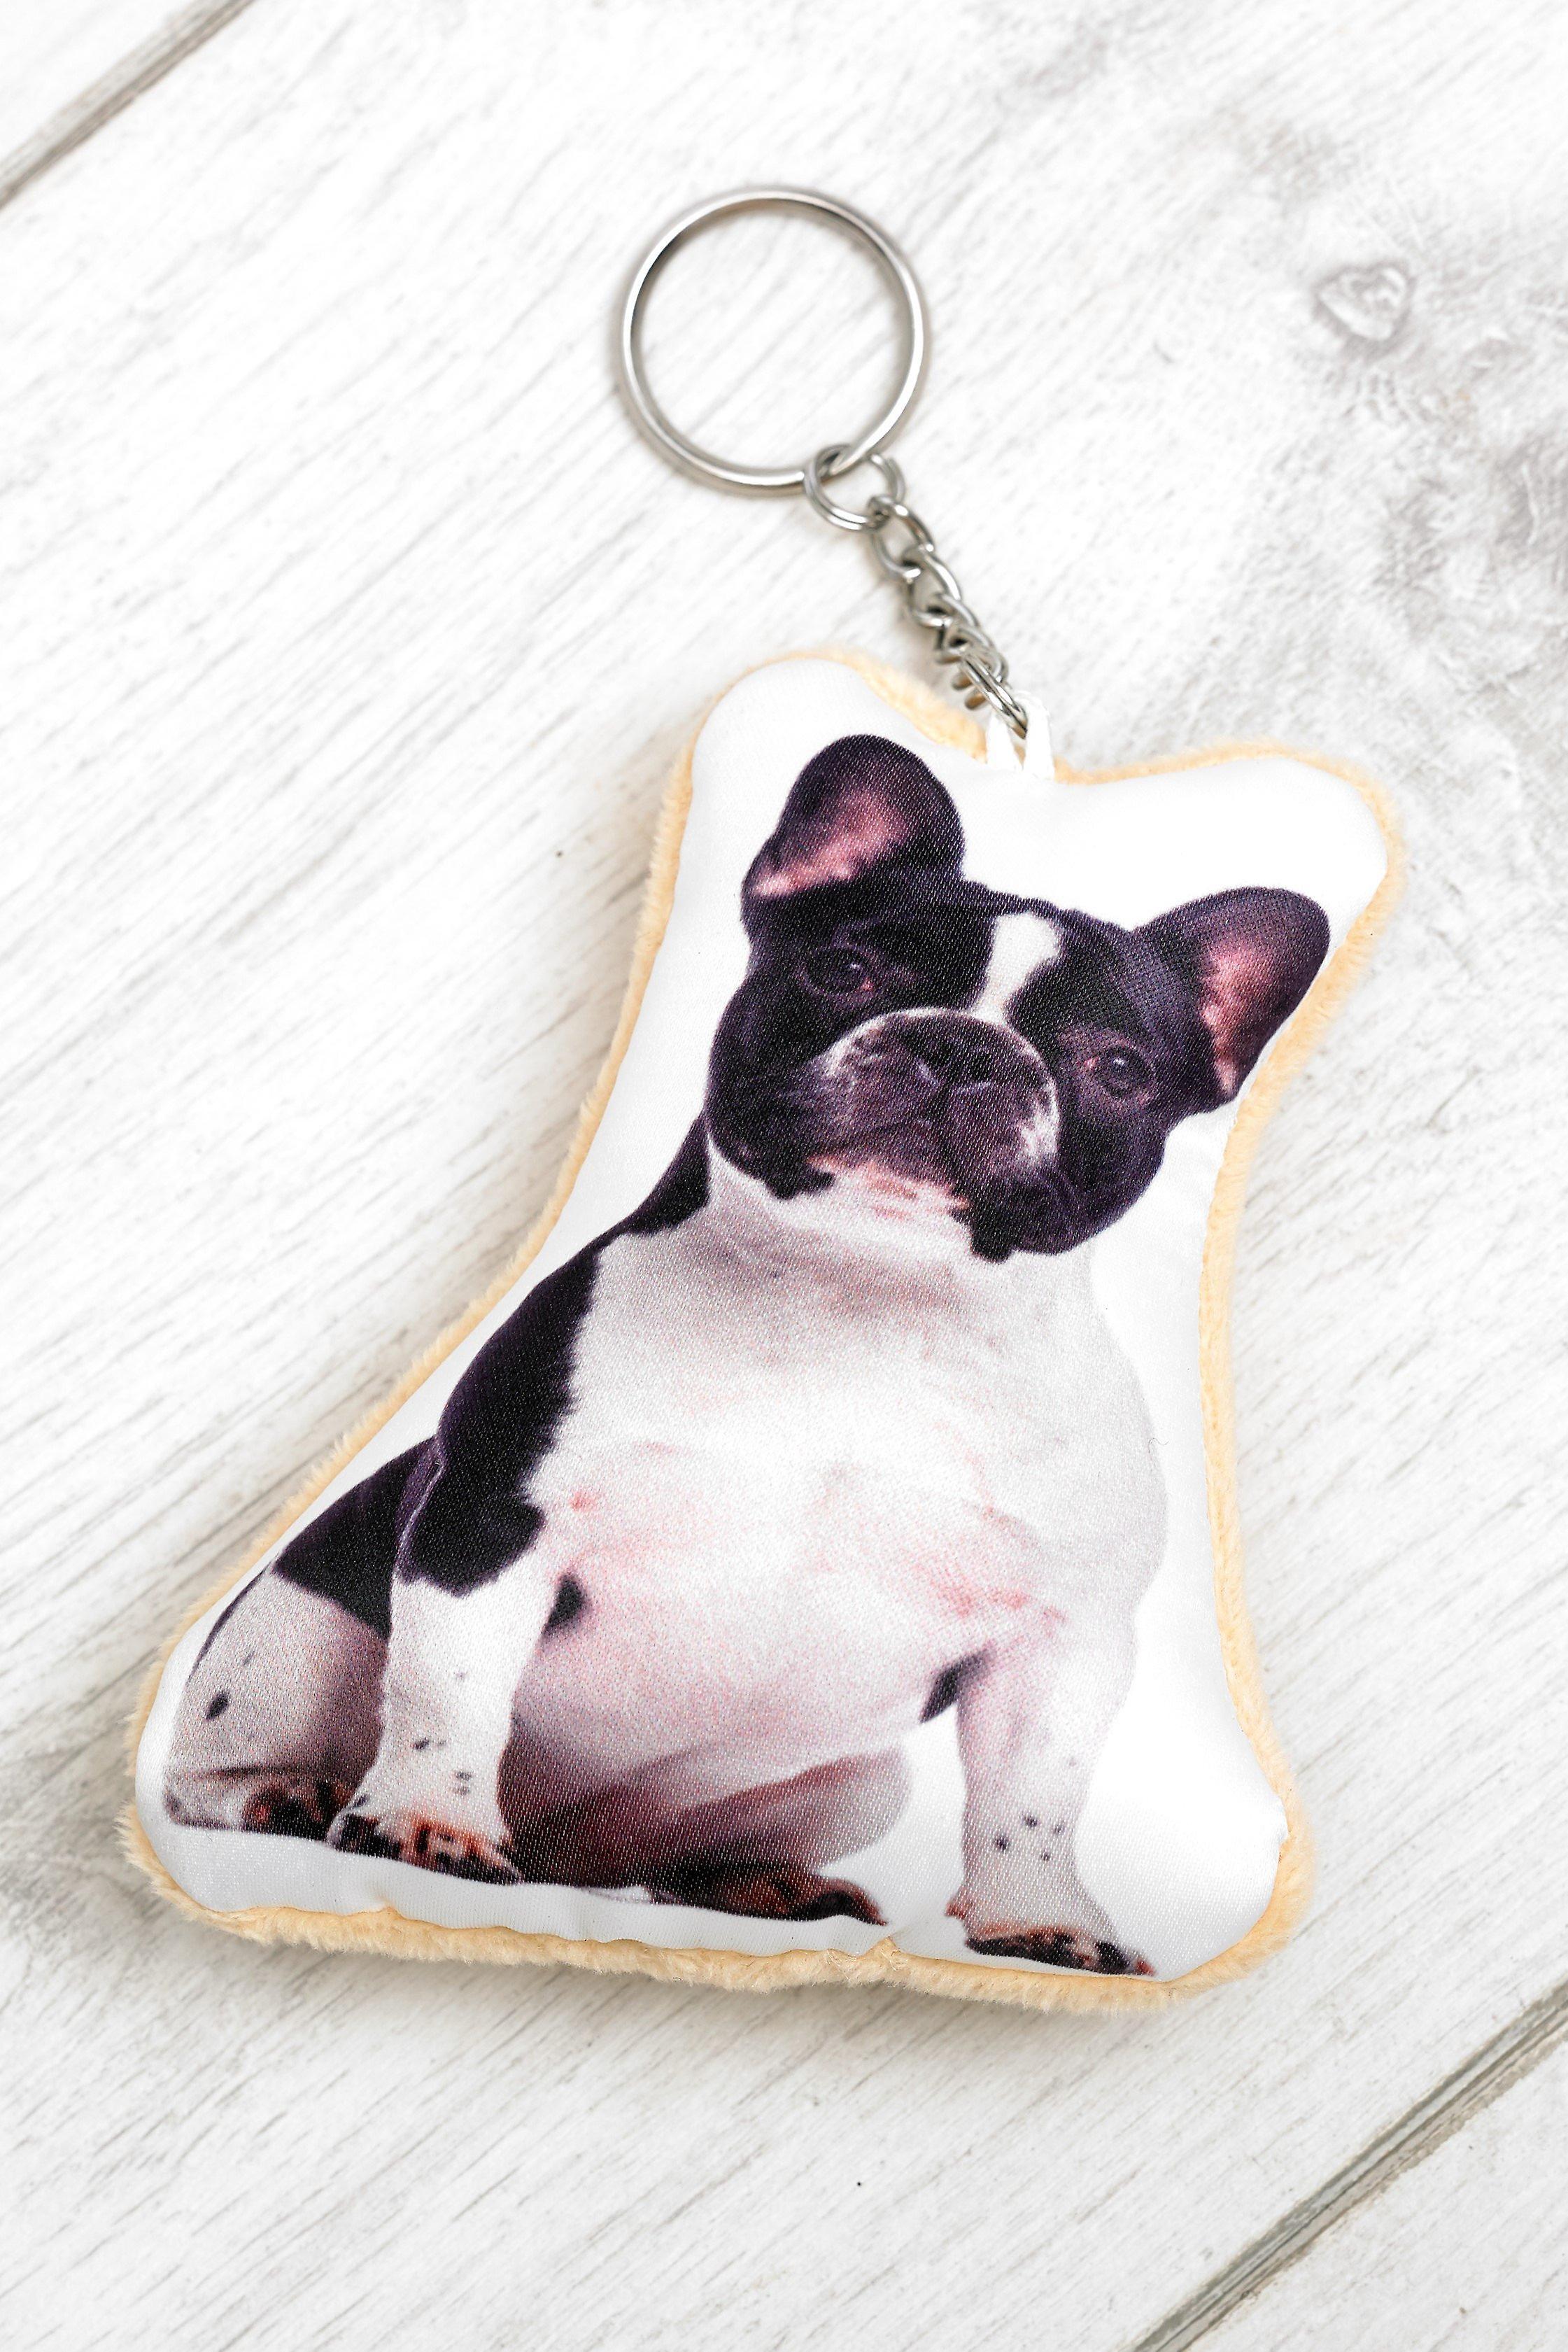 Adorable french bulldog shaped keyring